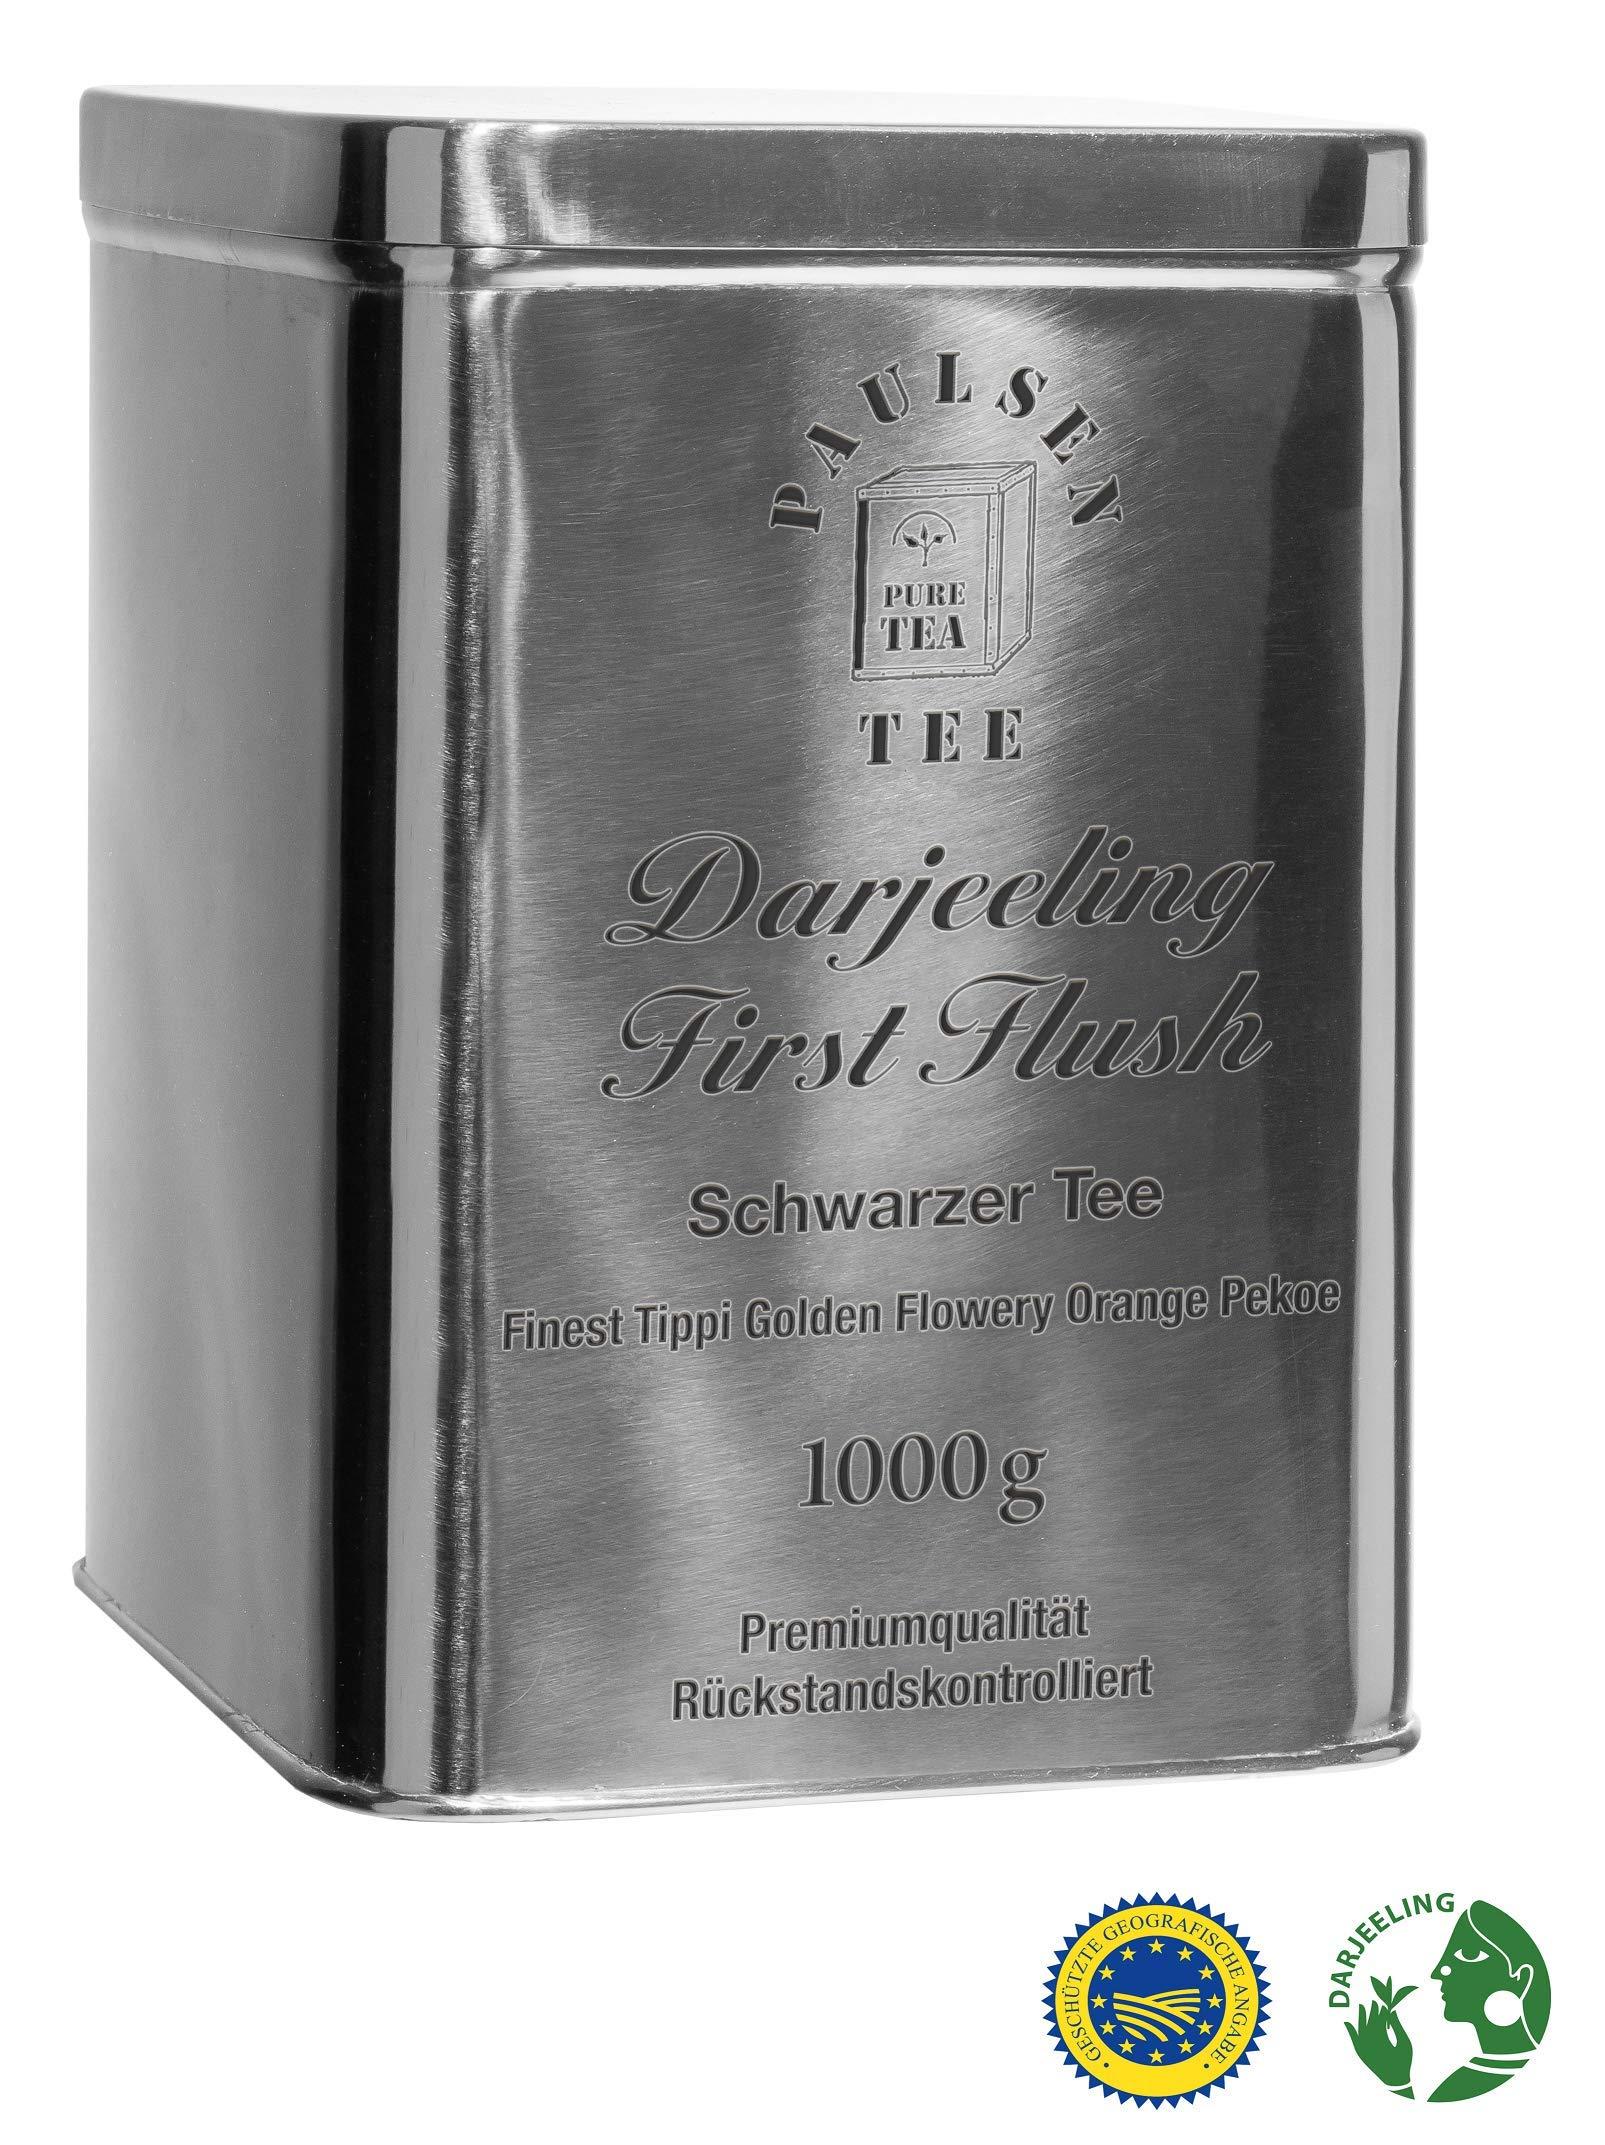 Darjeeling-First-Flush-Ernte-2018-Schwarzer-Tee-in-einer-sehr-hochwertigen-Edelstahldose-Silber-glnzend-1000g